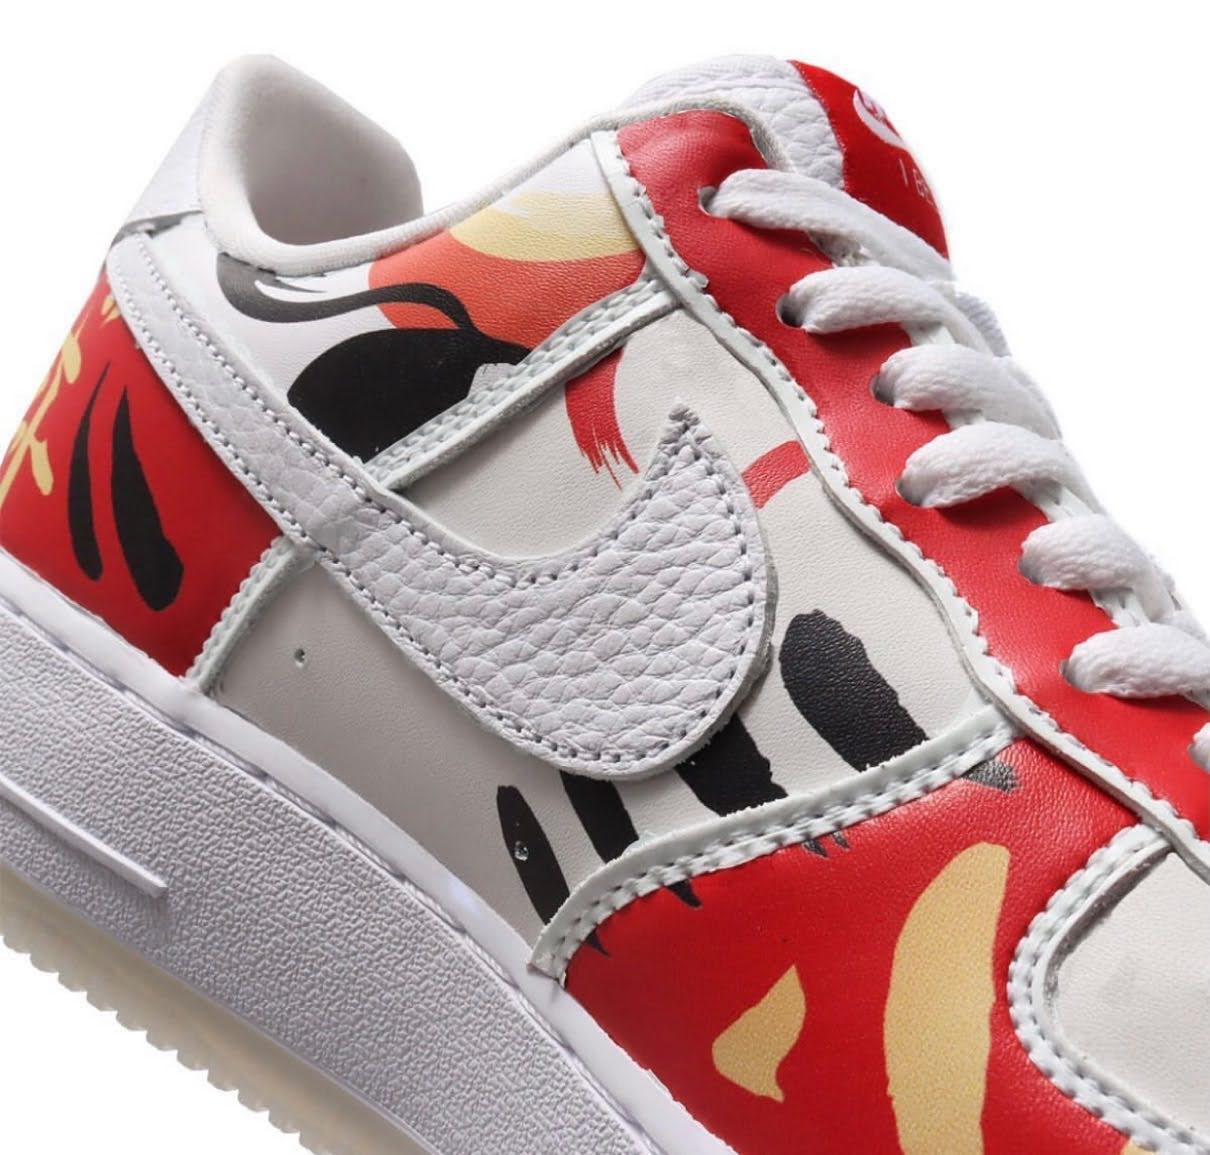 """Nike Air Force 1 Low """"I Believe DARUMA"""" / ナイキ エア フォース 1 ロー """"アイ ビリーブ 達磨"""" DD9941-100 detail swoosh"""